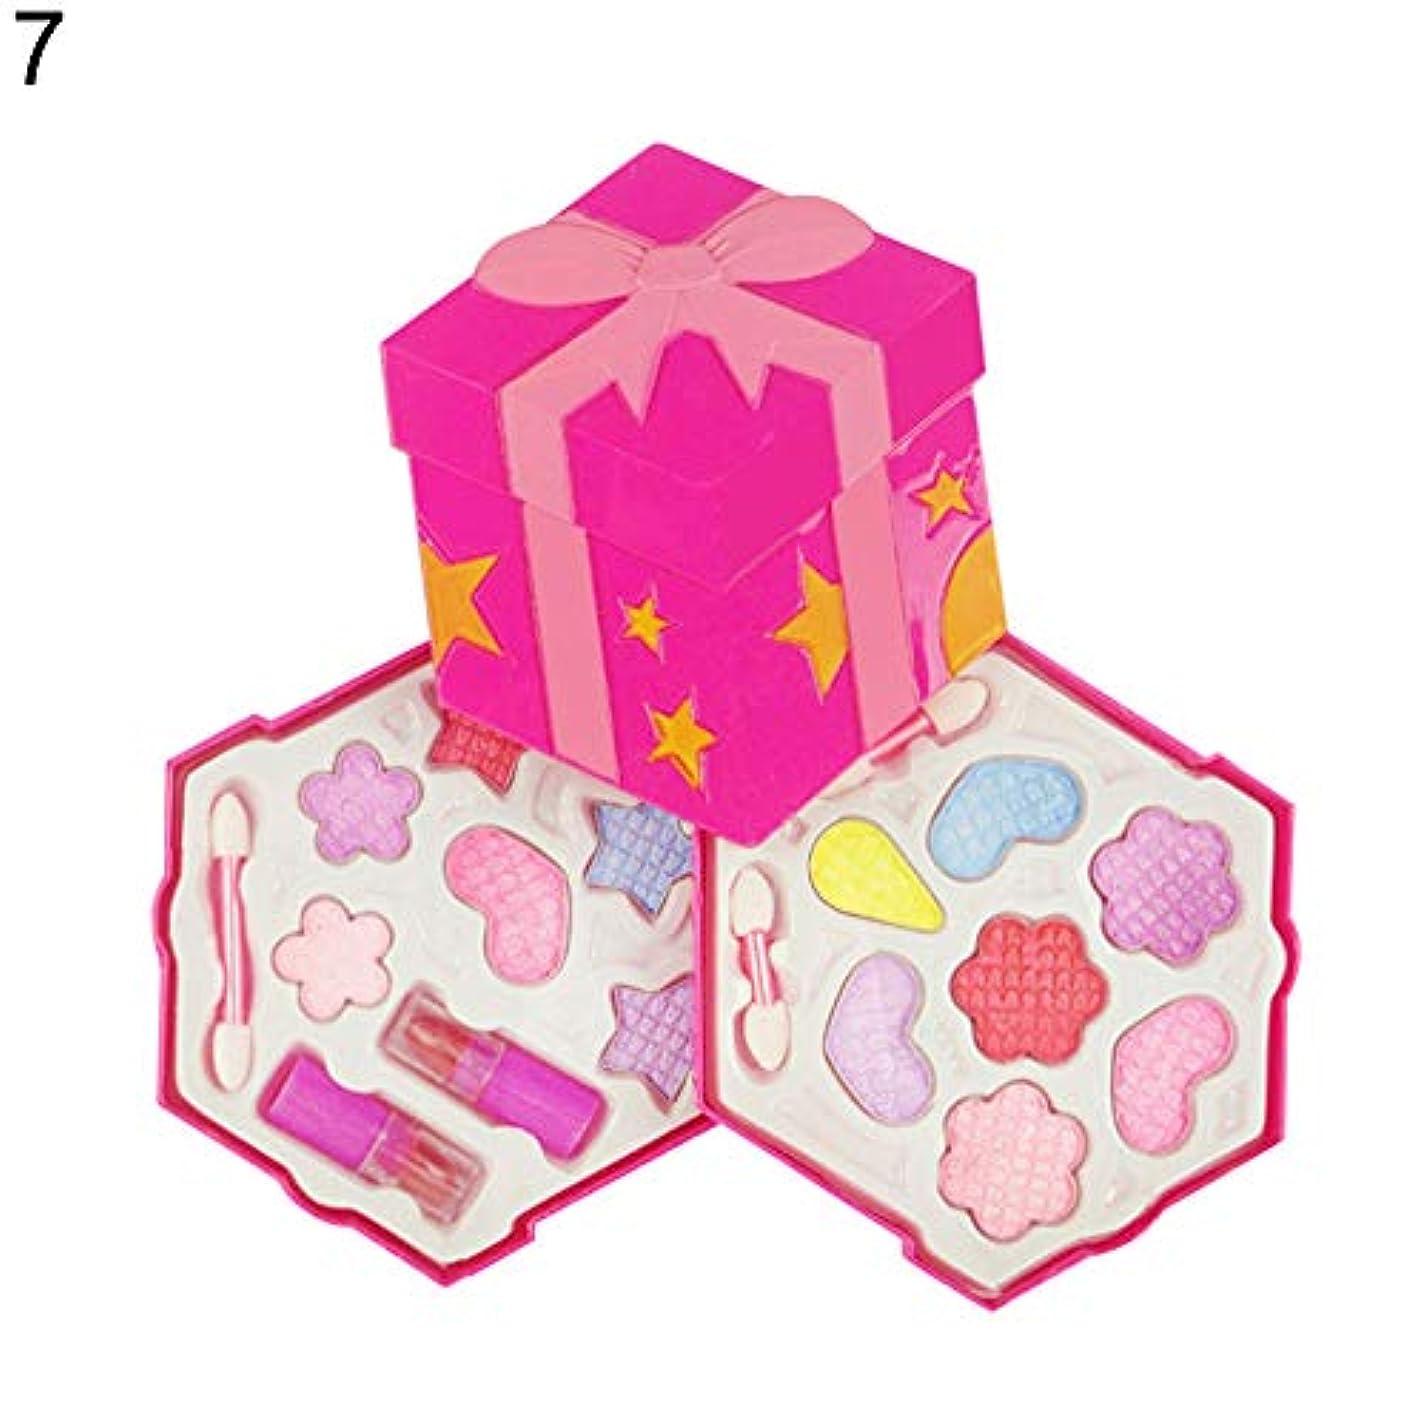 ソース取り除く送る花蝶ふりプレイメイクセット女の子シミュレーション非毒性化粧品 - 7